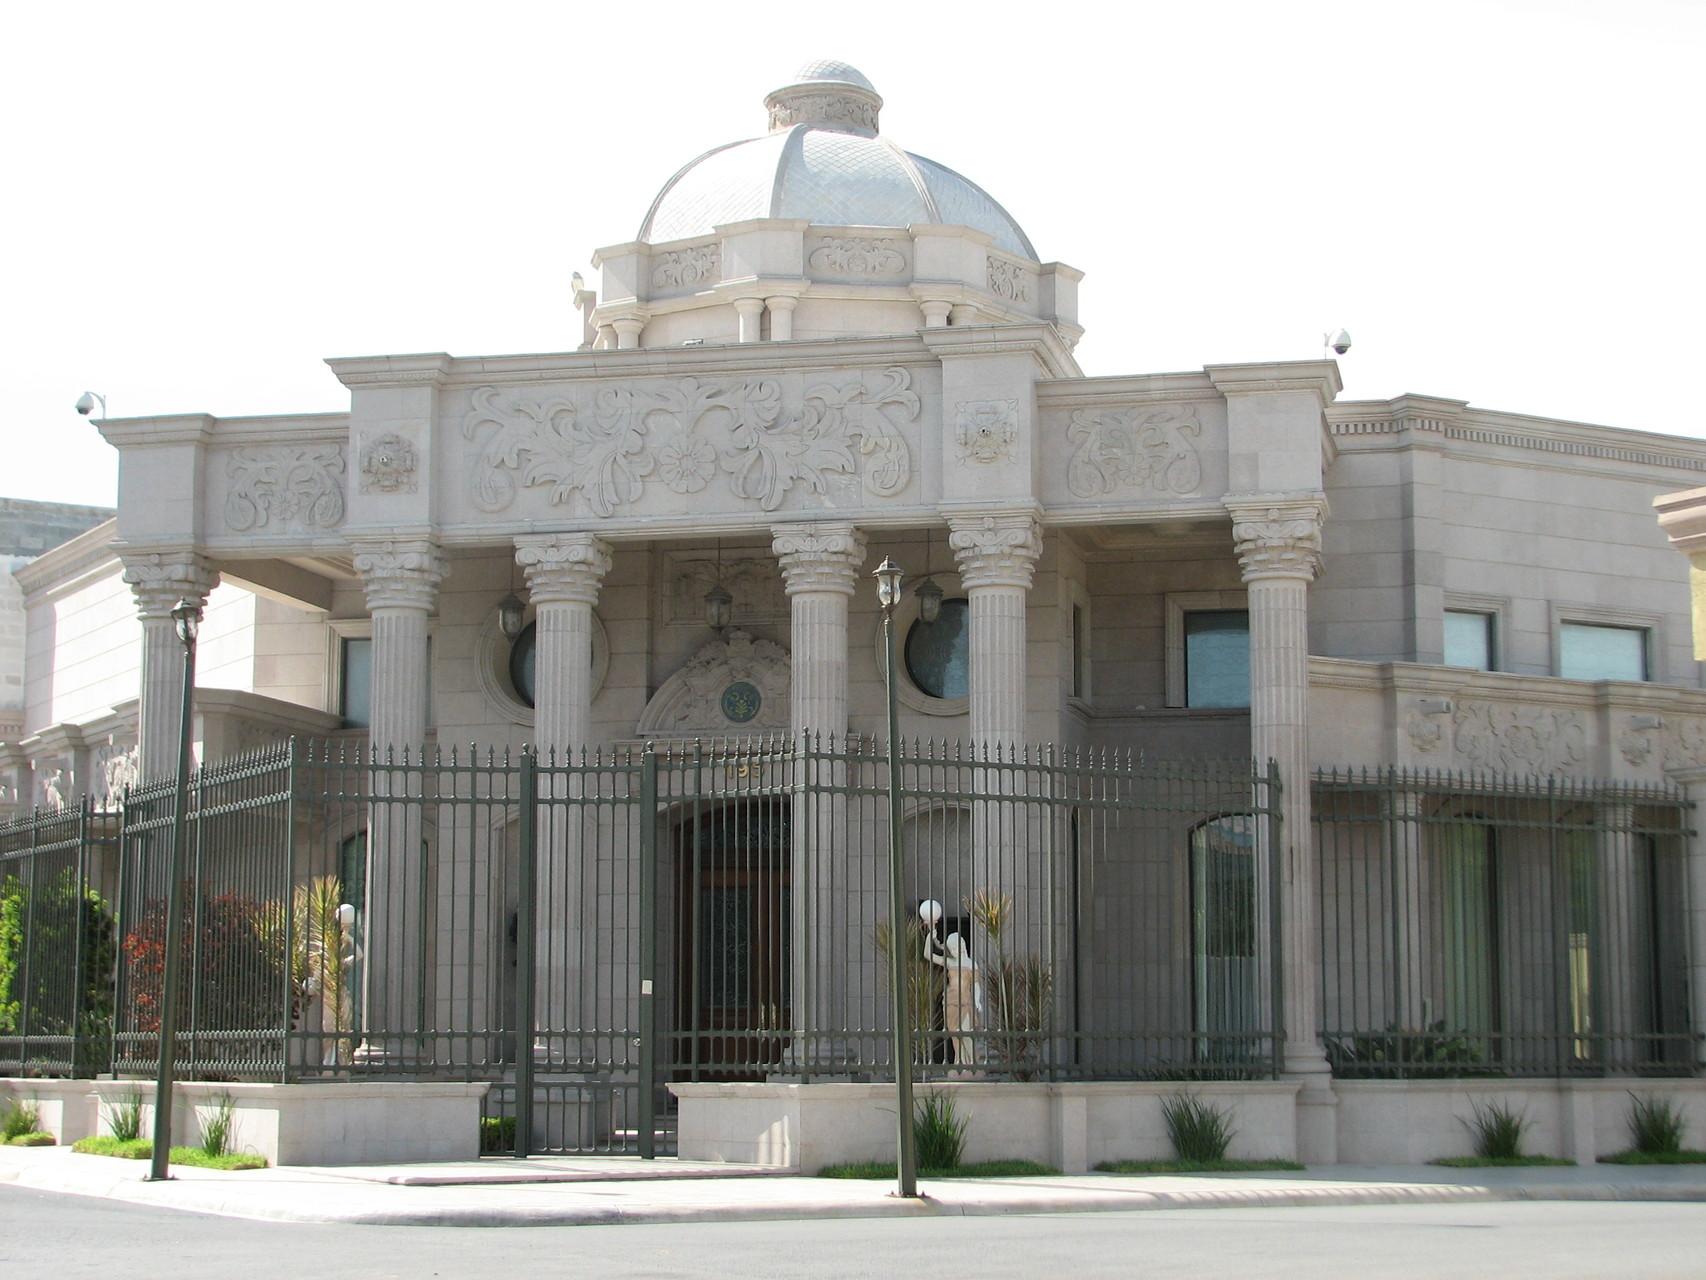 レイノサで一番の資産家の家。博物館か何かのよう。